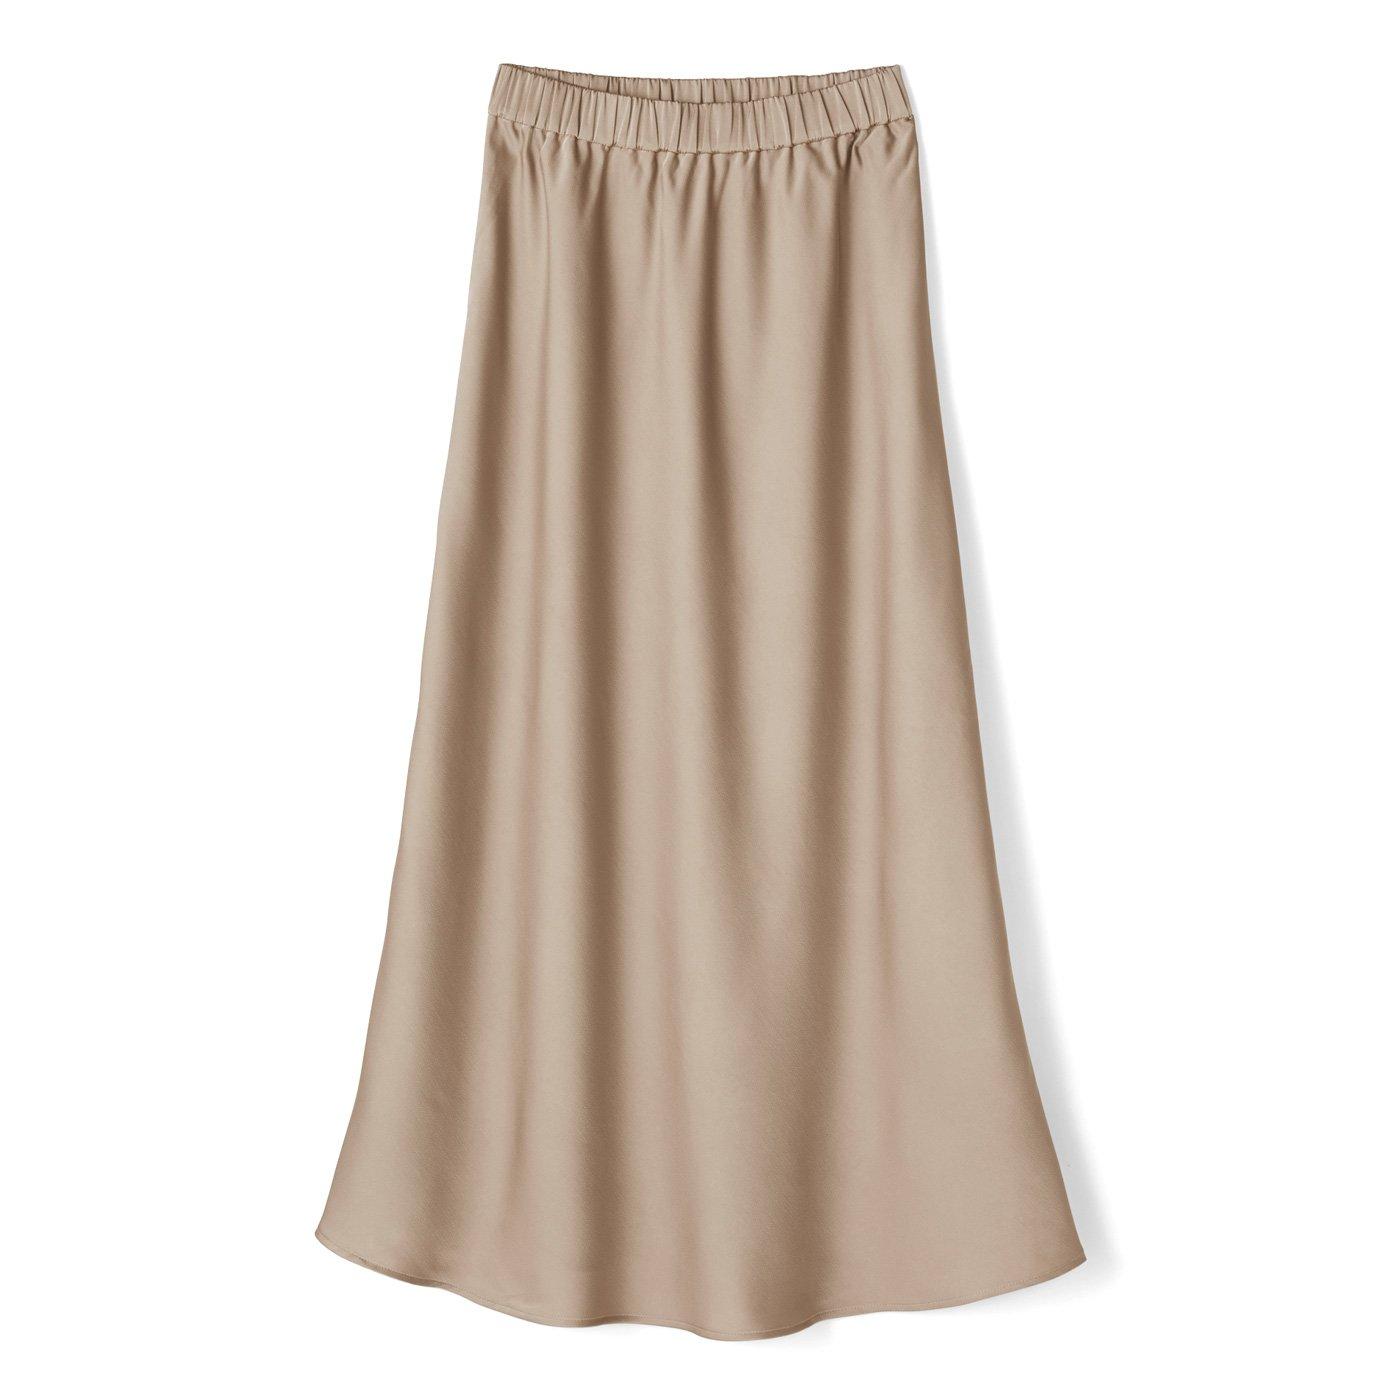 IEDIT[イディット] サテンの光沢が美しいセミサーキュラースカート〈ベージュ〉